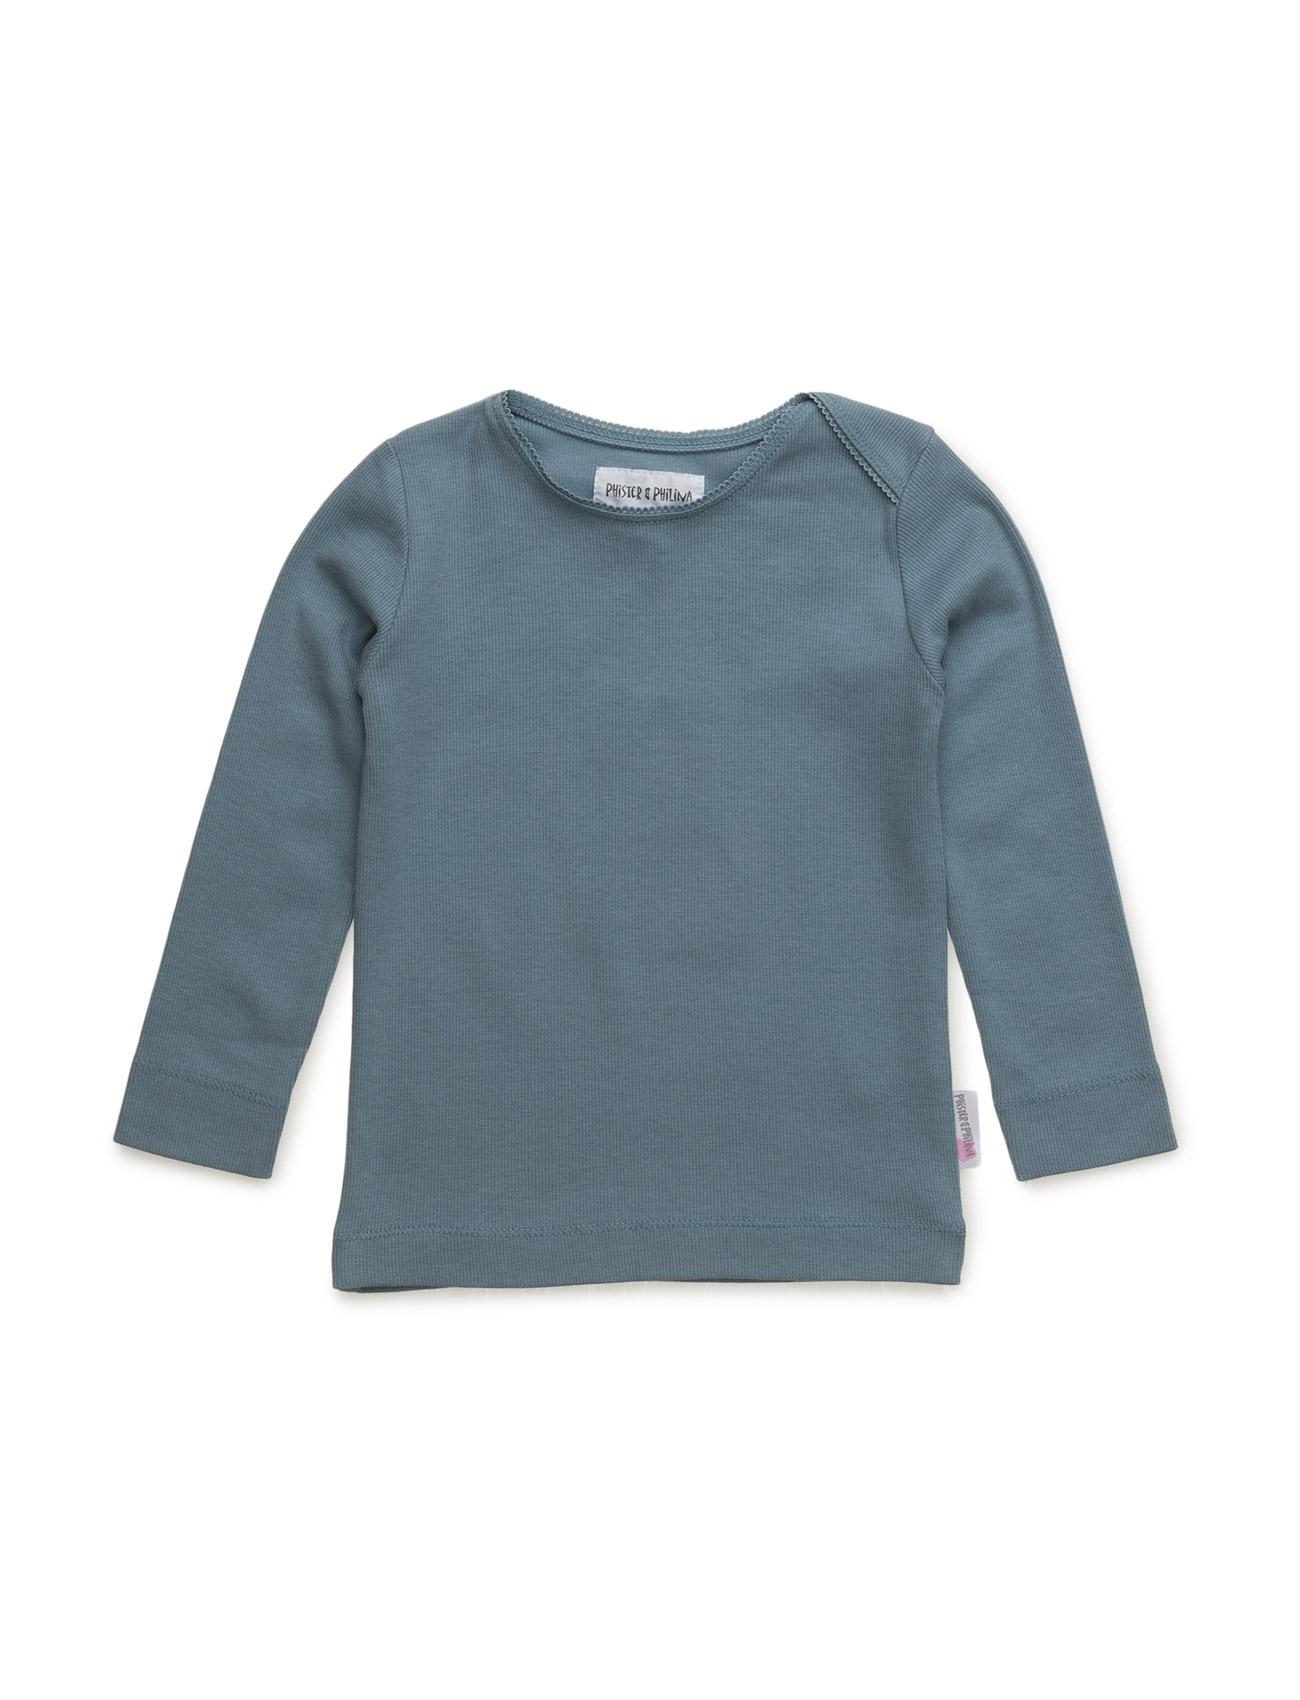 Alaya Base Top Phister & Philina Langærmede t-shirts til Børn i